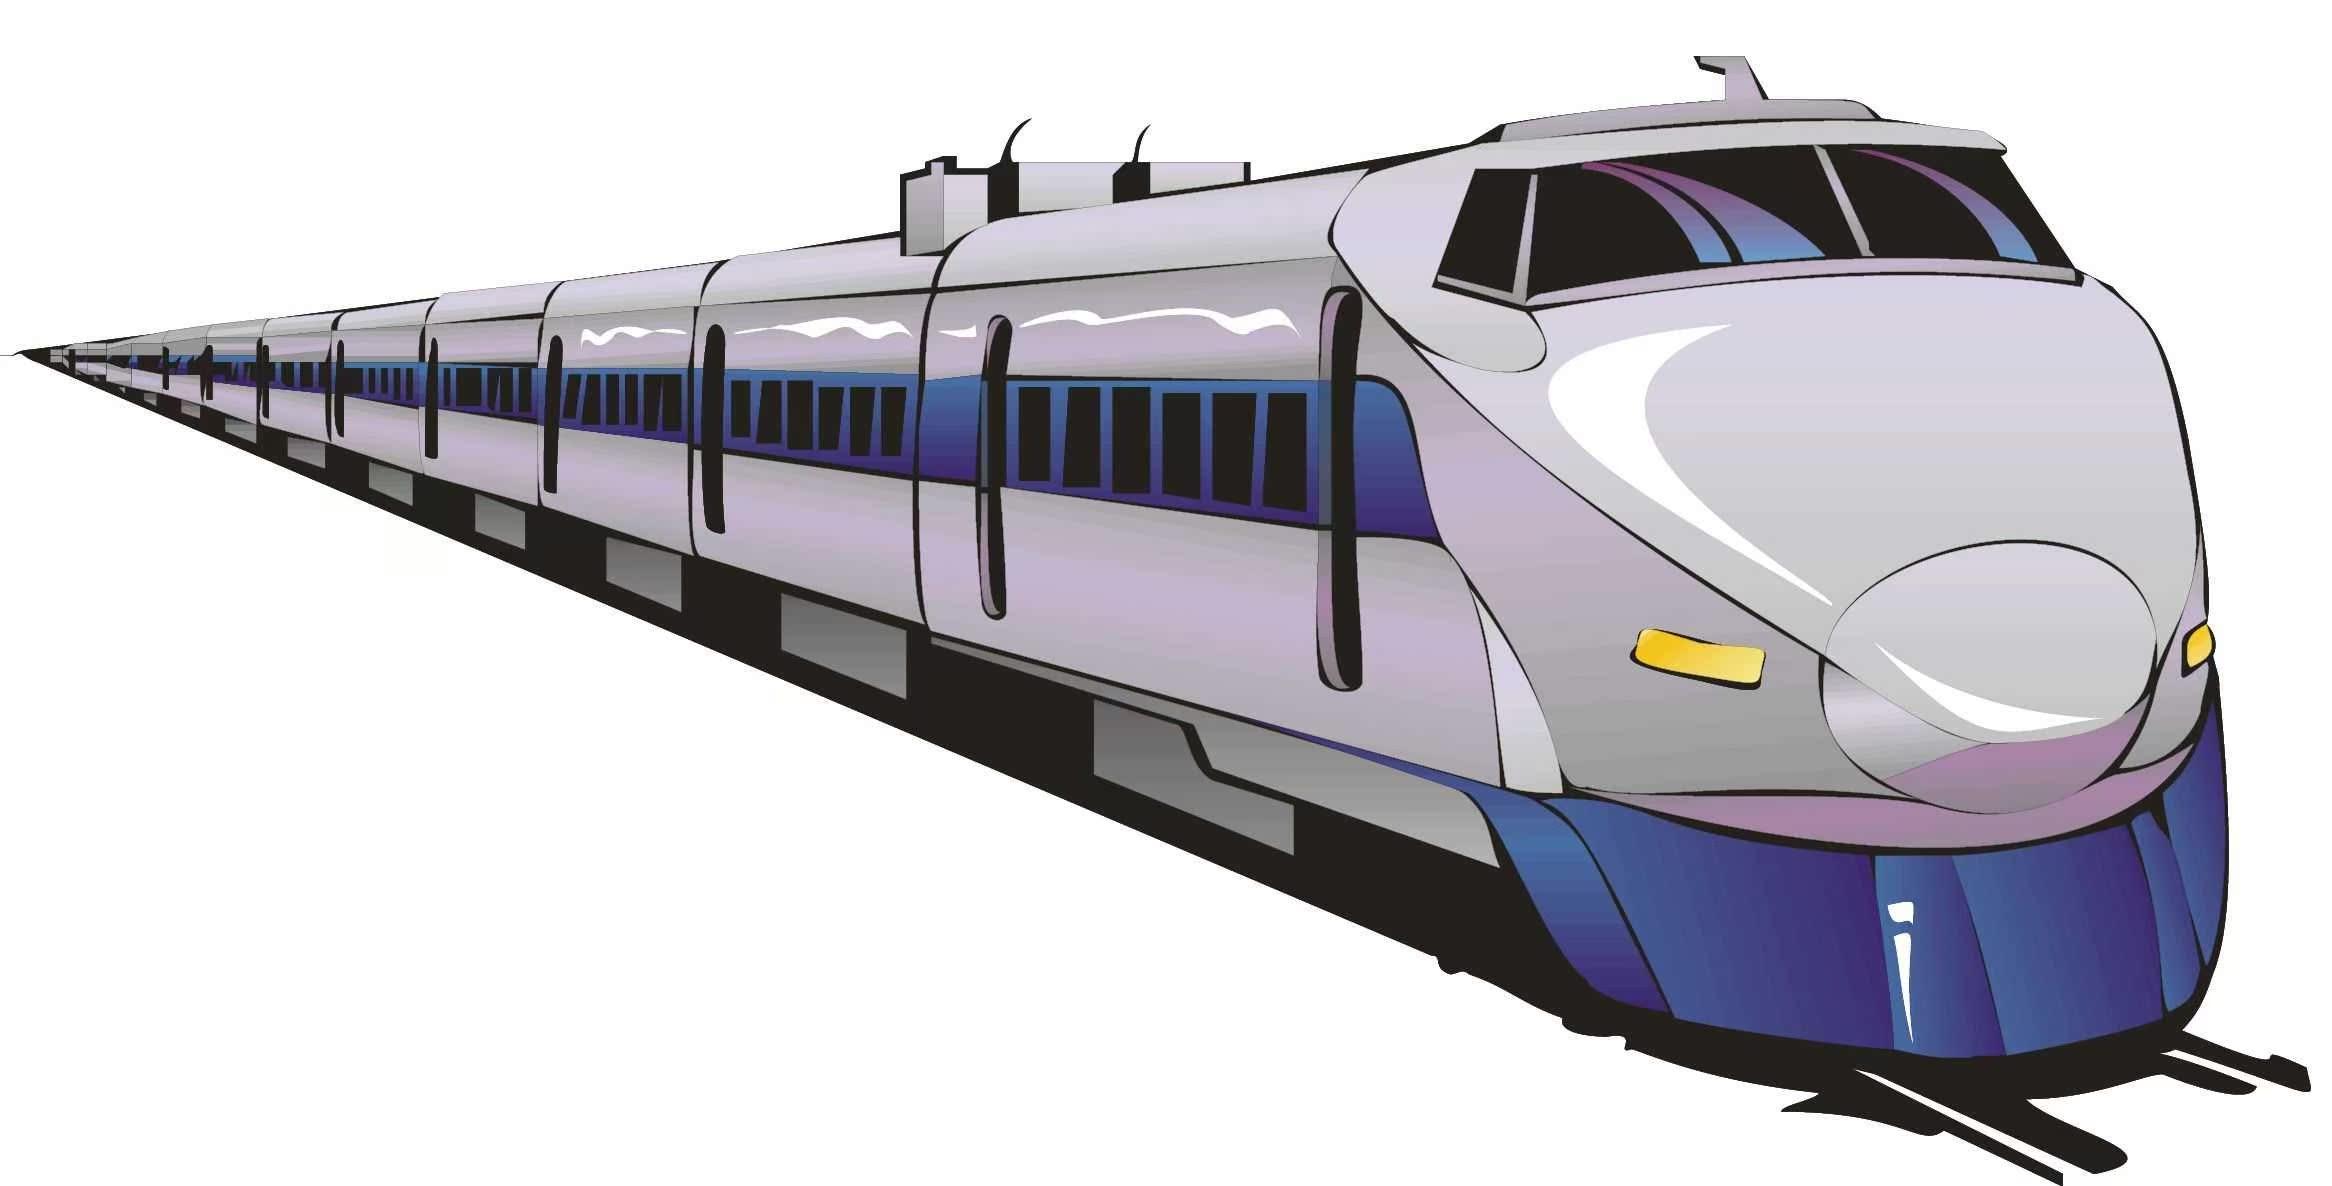 邮票版高铁火车相册设计PS动车插入式电影票制作飞机高级封面影集